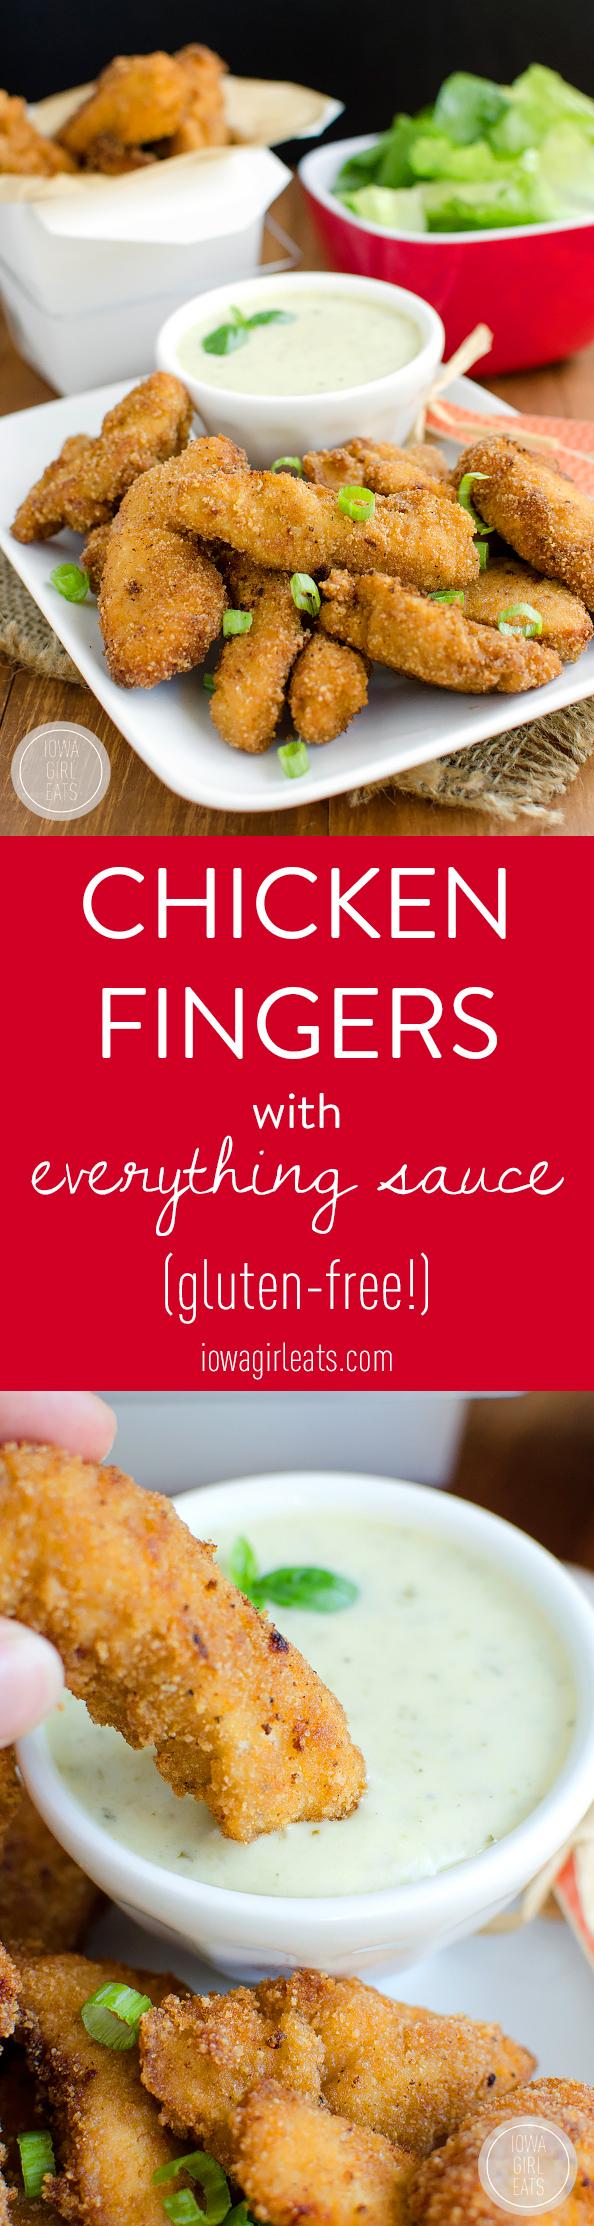 Photo collage of gluten free chicken fingers